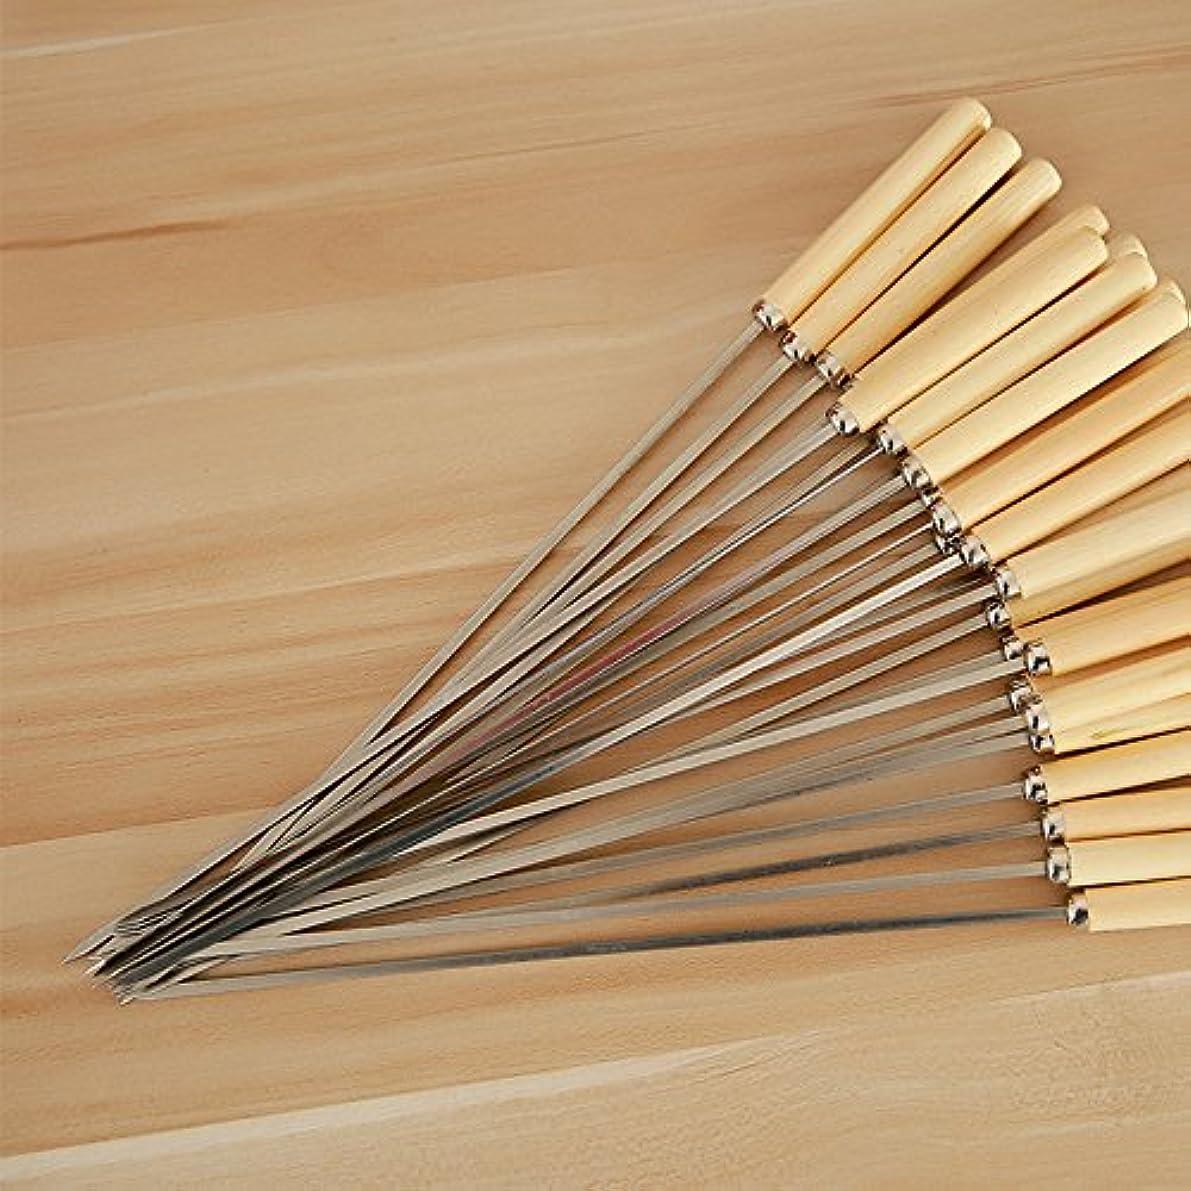 閃光取り付け土砂降り焼き串 BBQフォーク シュラスコ ステンレス鋼の金属の串 木柄 バーベキュー道具  バーベキュー串 バーベキュー用 スキュアー 50本セット